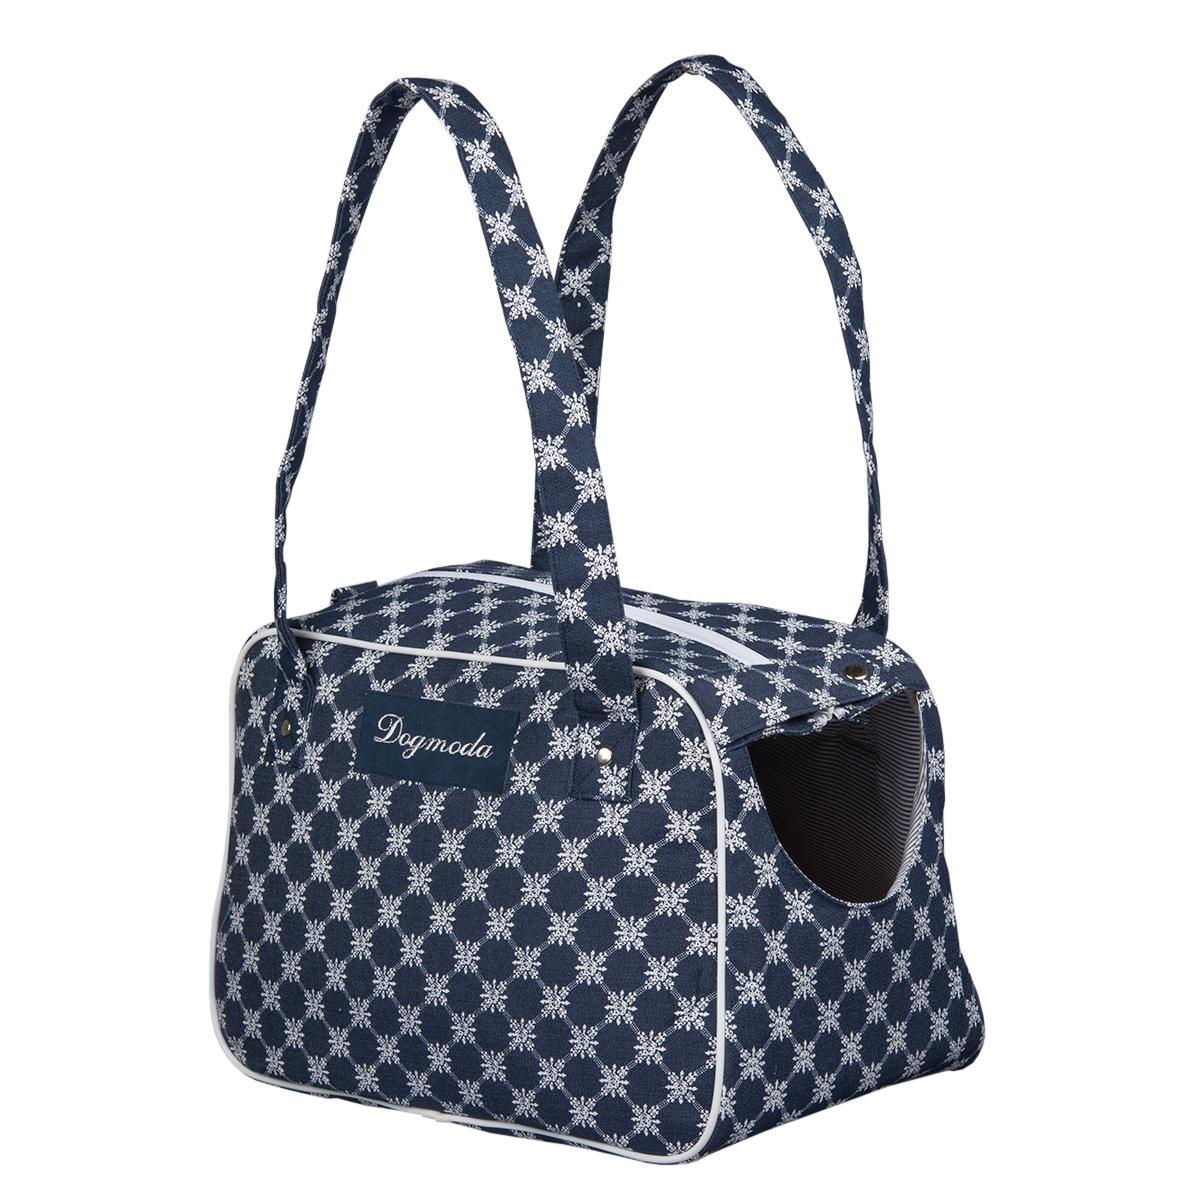 Сумка-переноска Dogmoda Сезон для собакиDM-160117Встречайте весну модно - эта стильная и удобная сумка-переноска из специальной износостойкой сумойчной ткани будет радовать и Вас, и Вашего любимца.